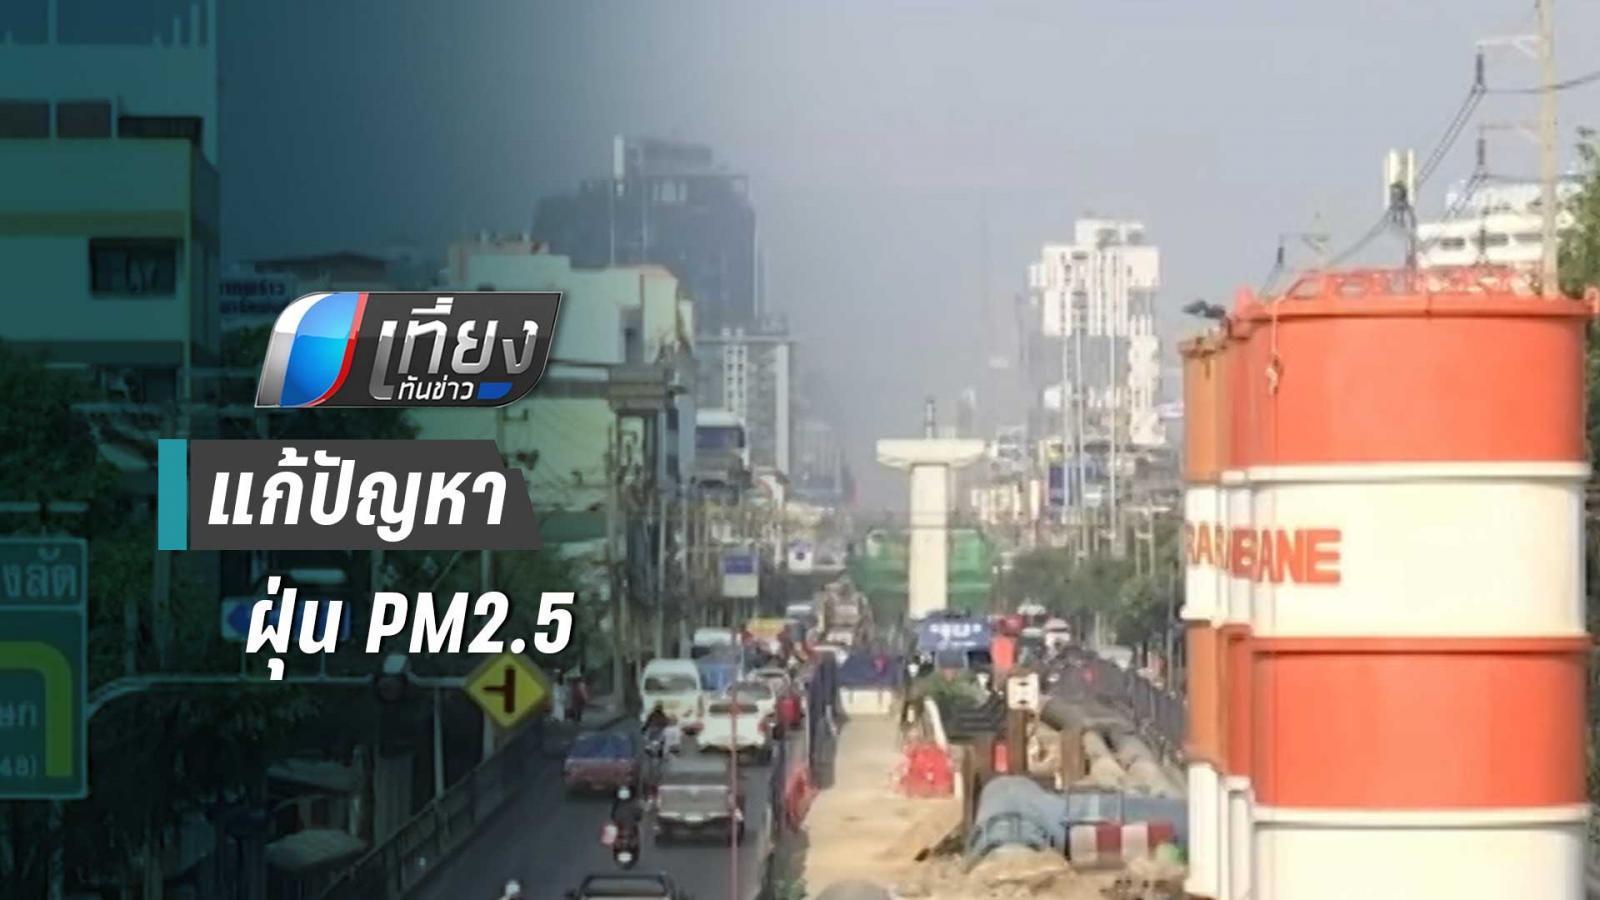 ฝุ่นกรุงเทพ  PM 2.5 ฟุ้ง! แนะออกมาตรการหยุดก่อสร้างบนถนน